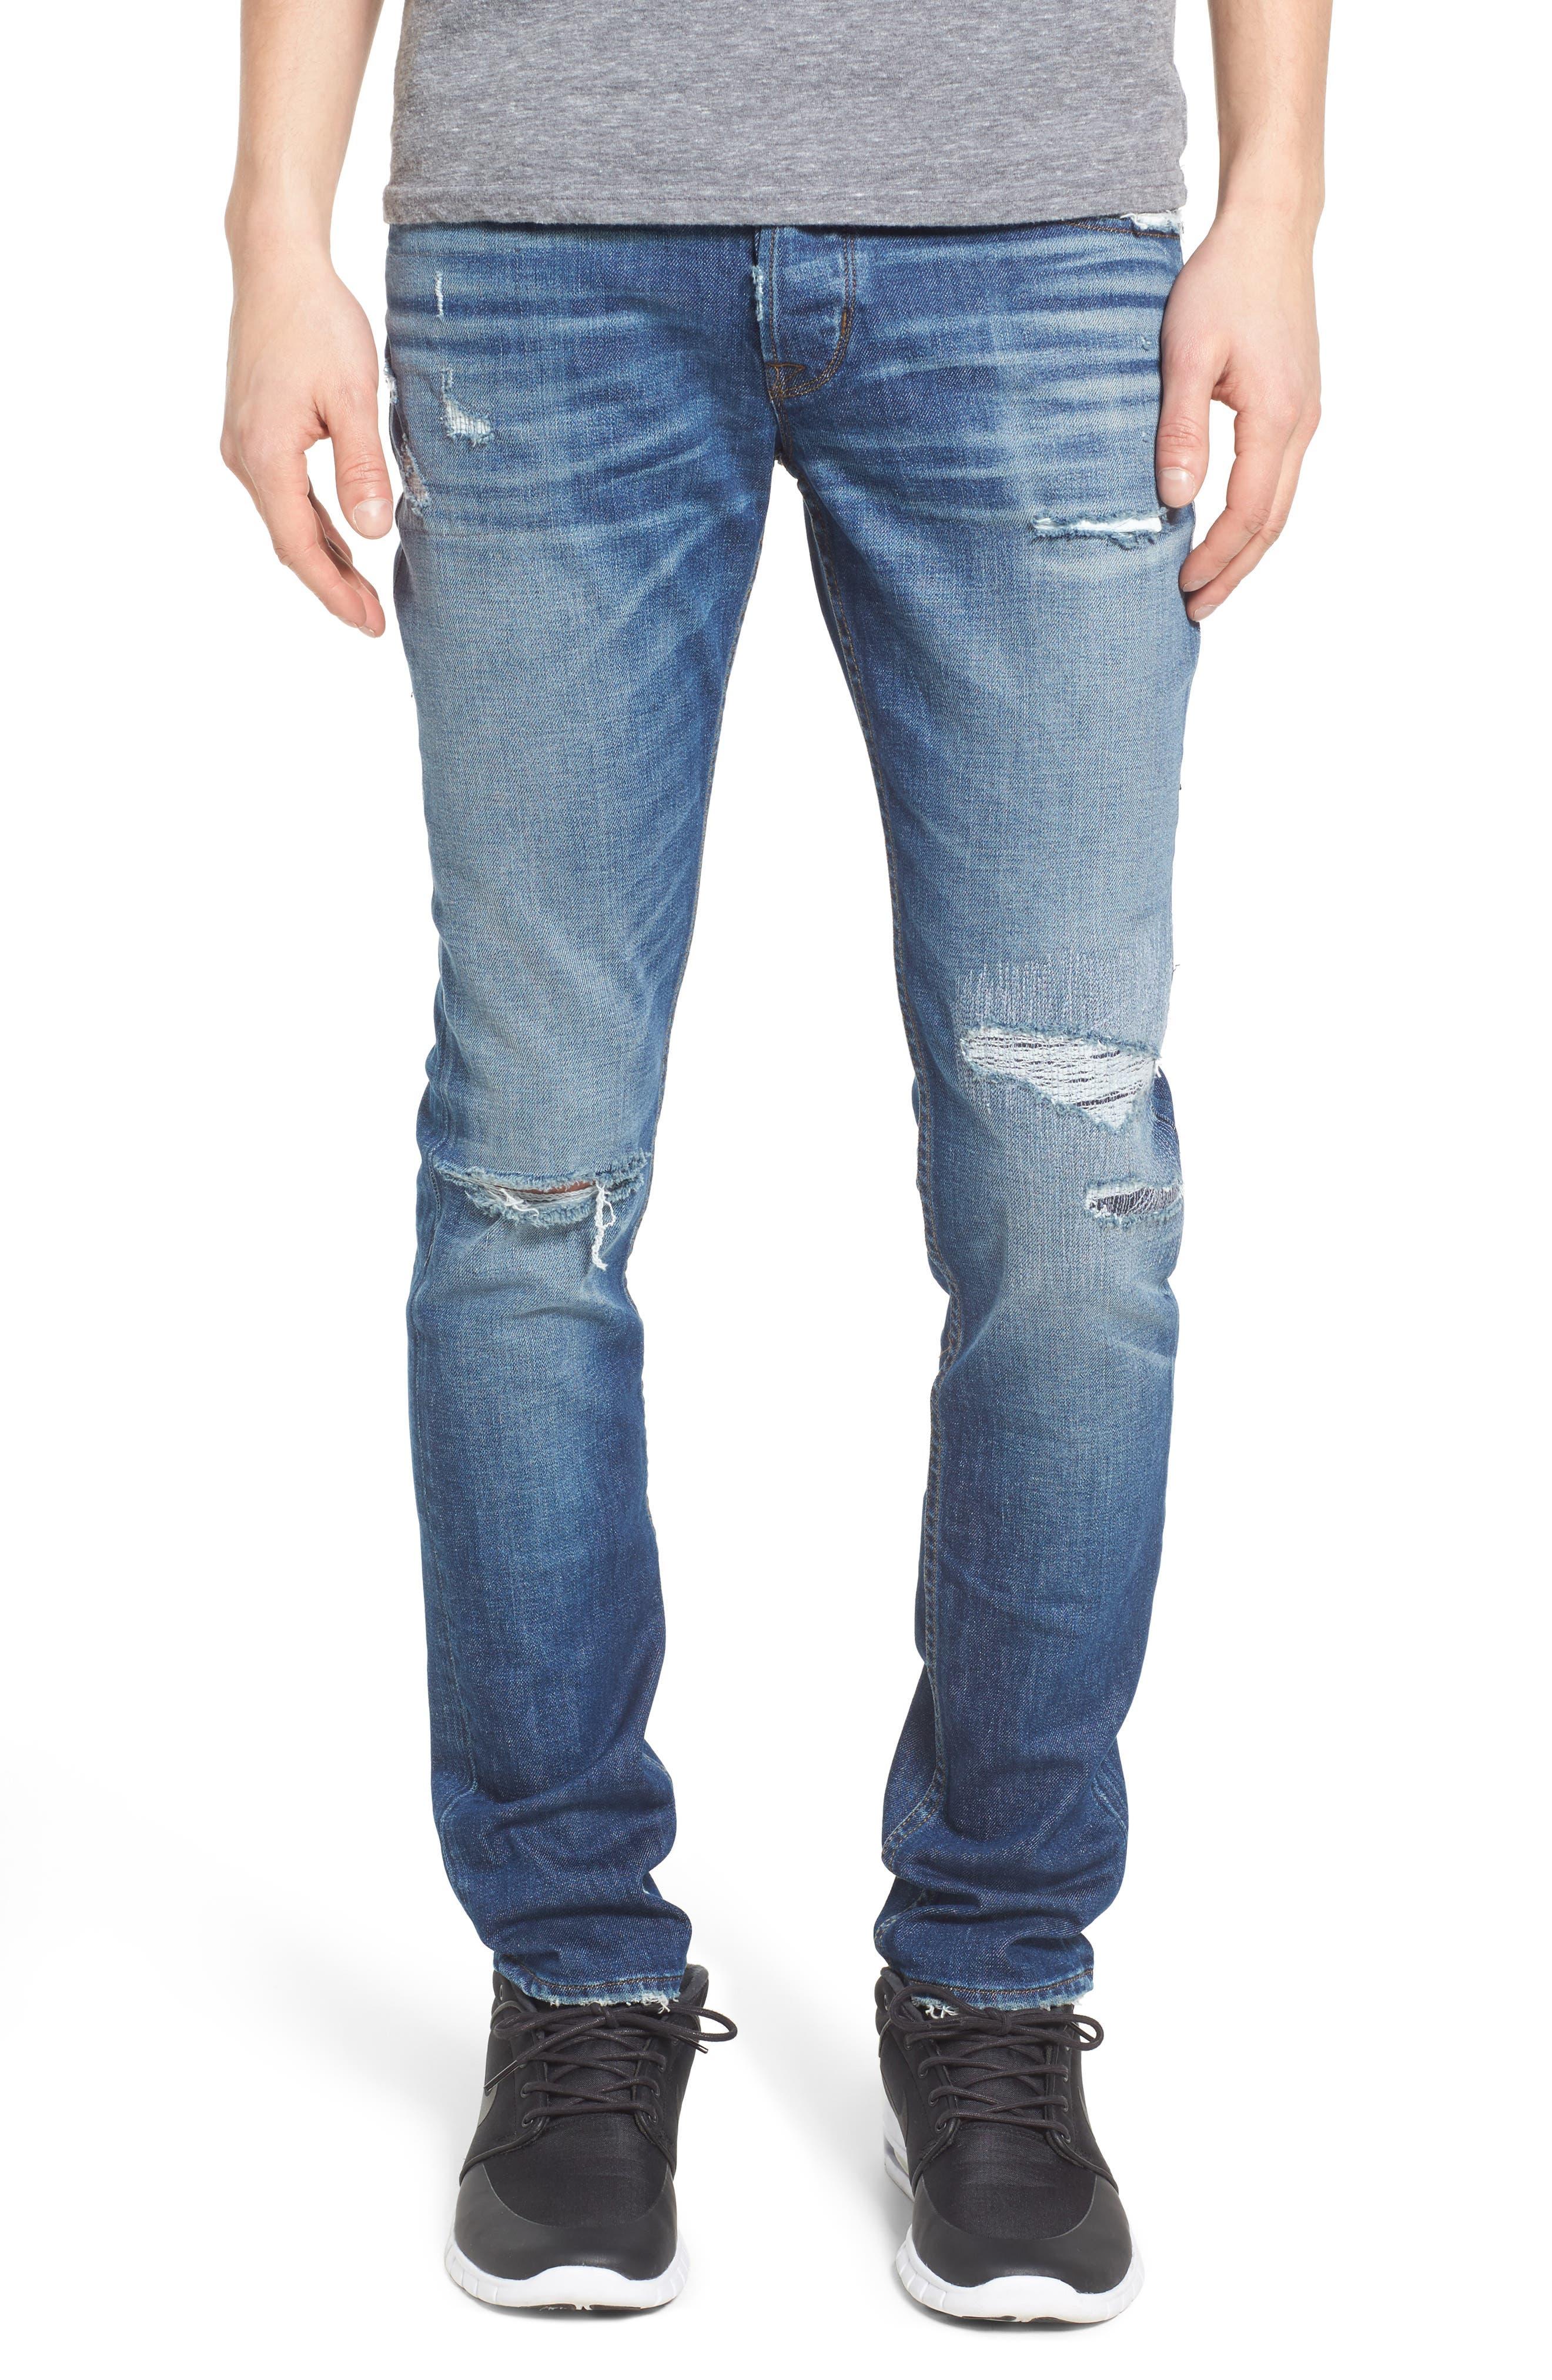 Hudson Jeans Axl Skinny Fit Jeans (Aim)